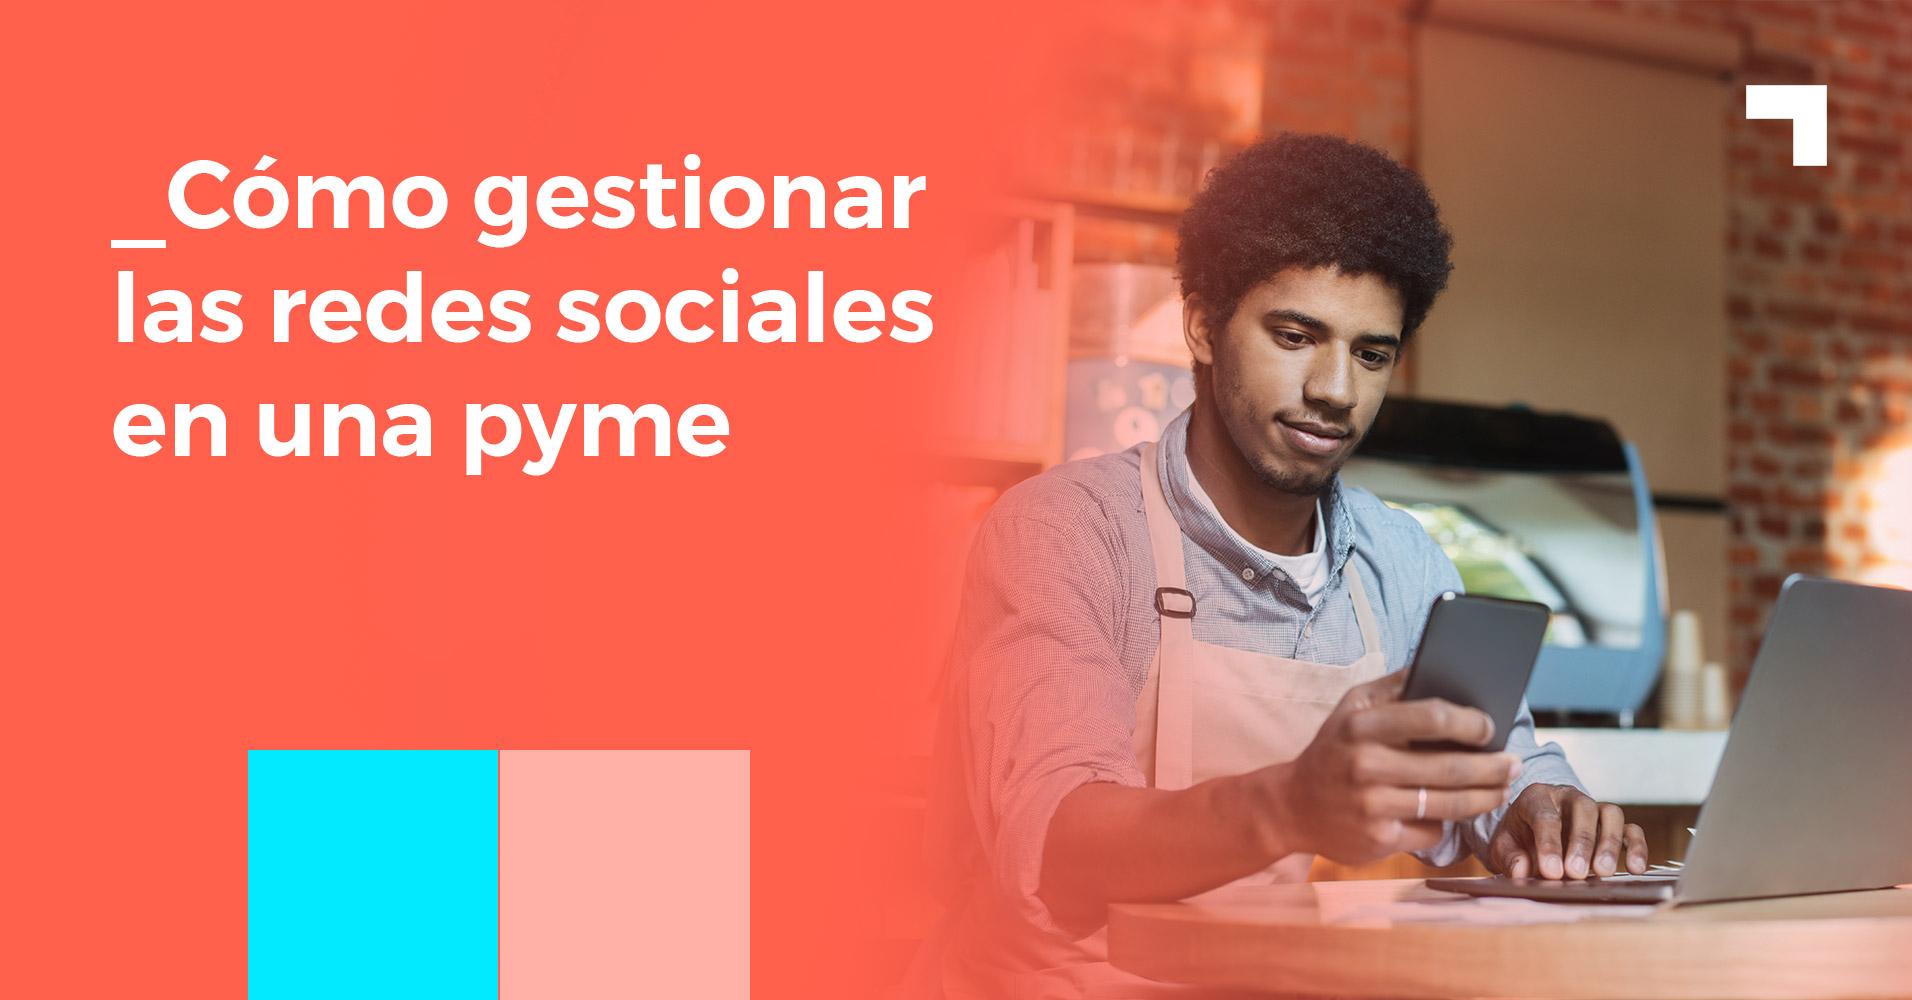 Cómo gestionar las redes sociales en una pyme [con ejemplos]